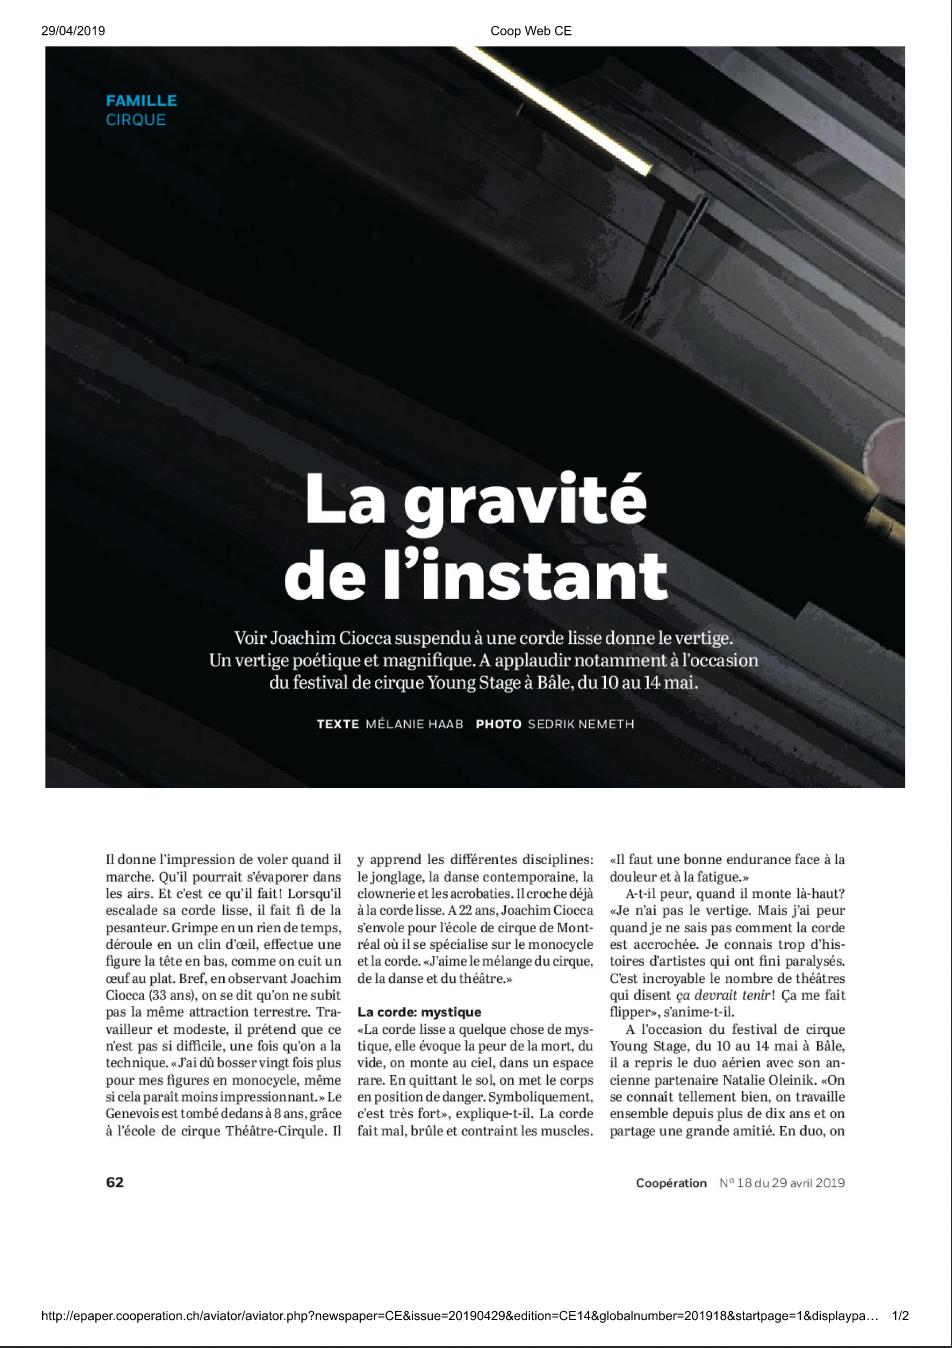 """Journal Coop, Coopération """"Le journal le plus lu en Suisse"""" Avril 2019"""